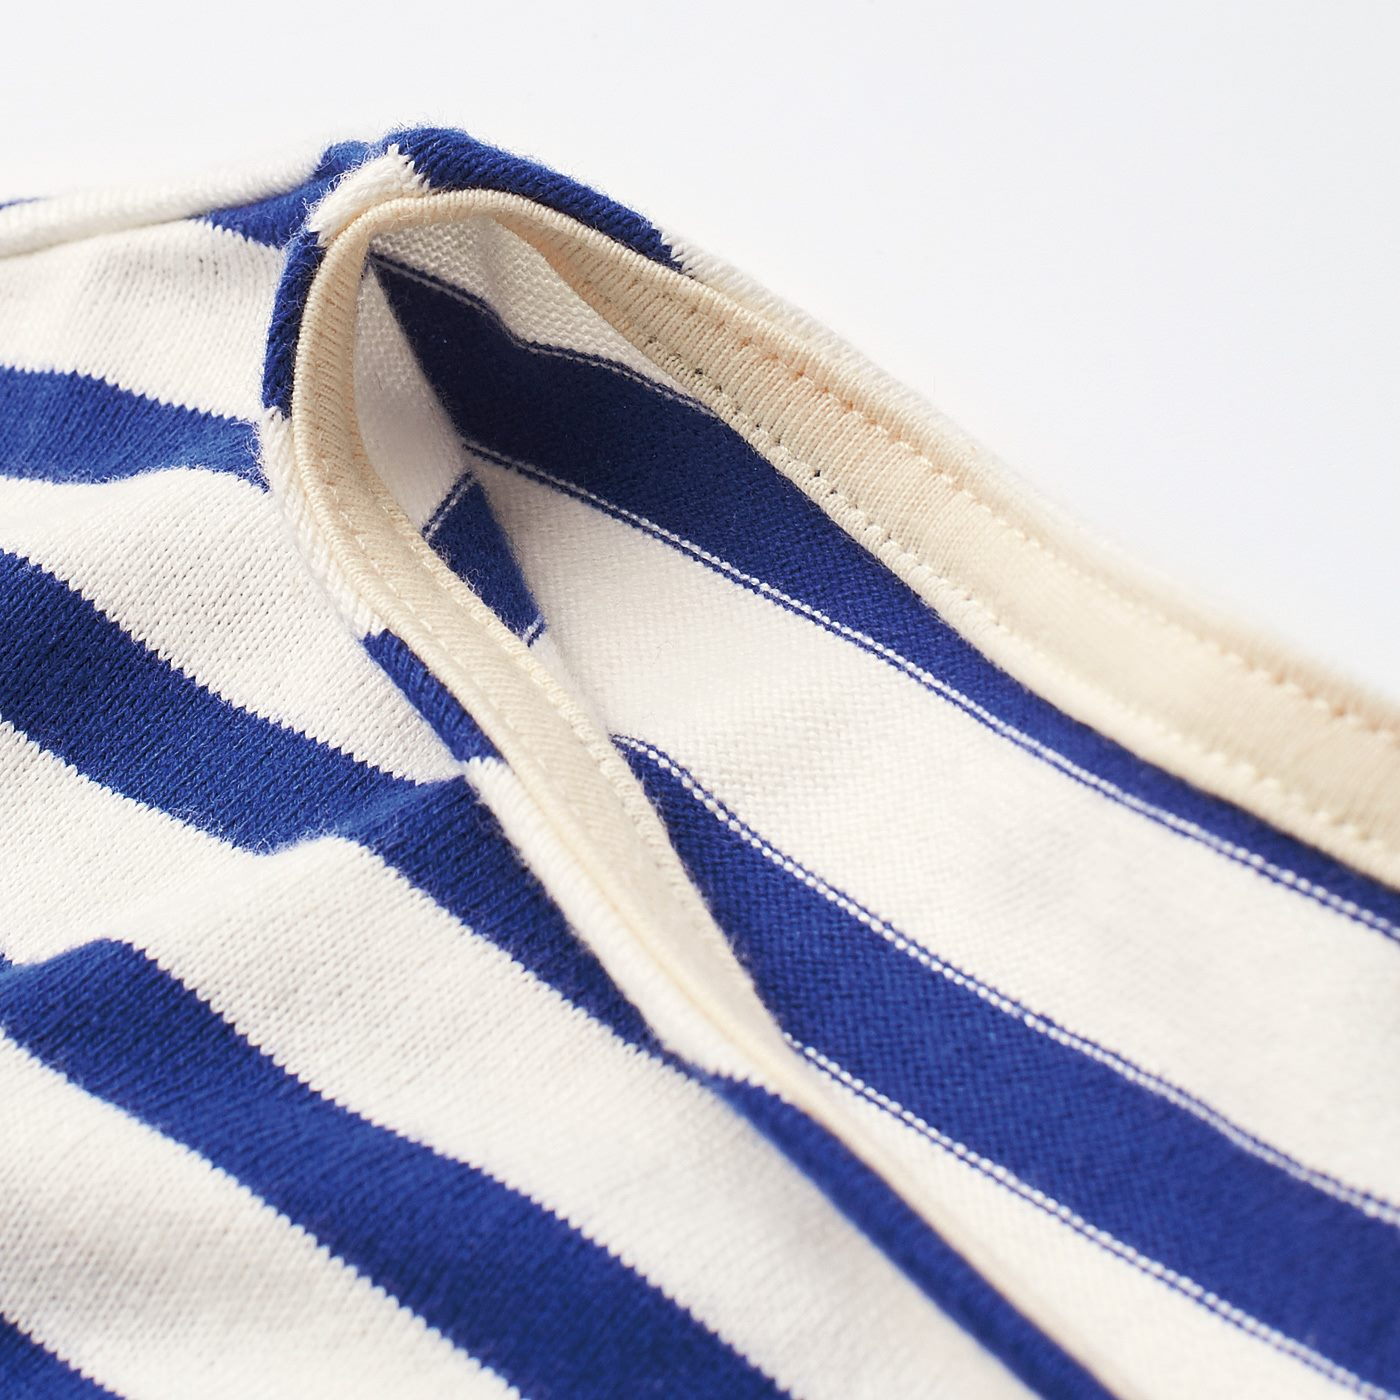 さらりと着てサマになるボードネック。衿の裏側にテープを裏打ちすることで、首もとのよれや伸びを防止。